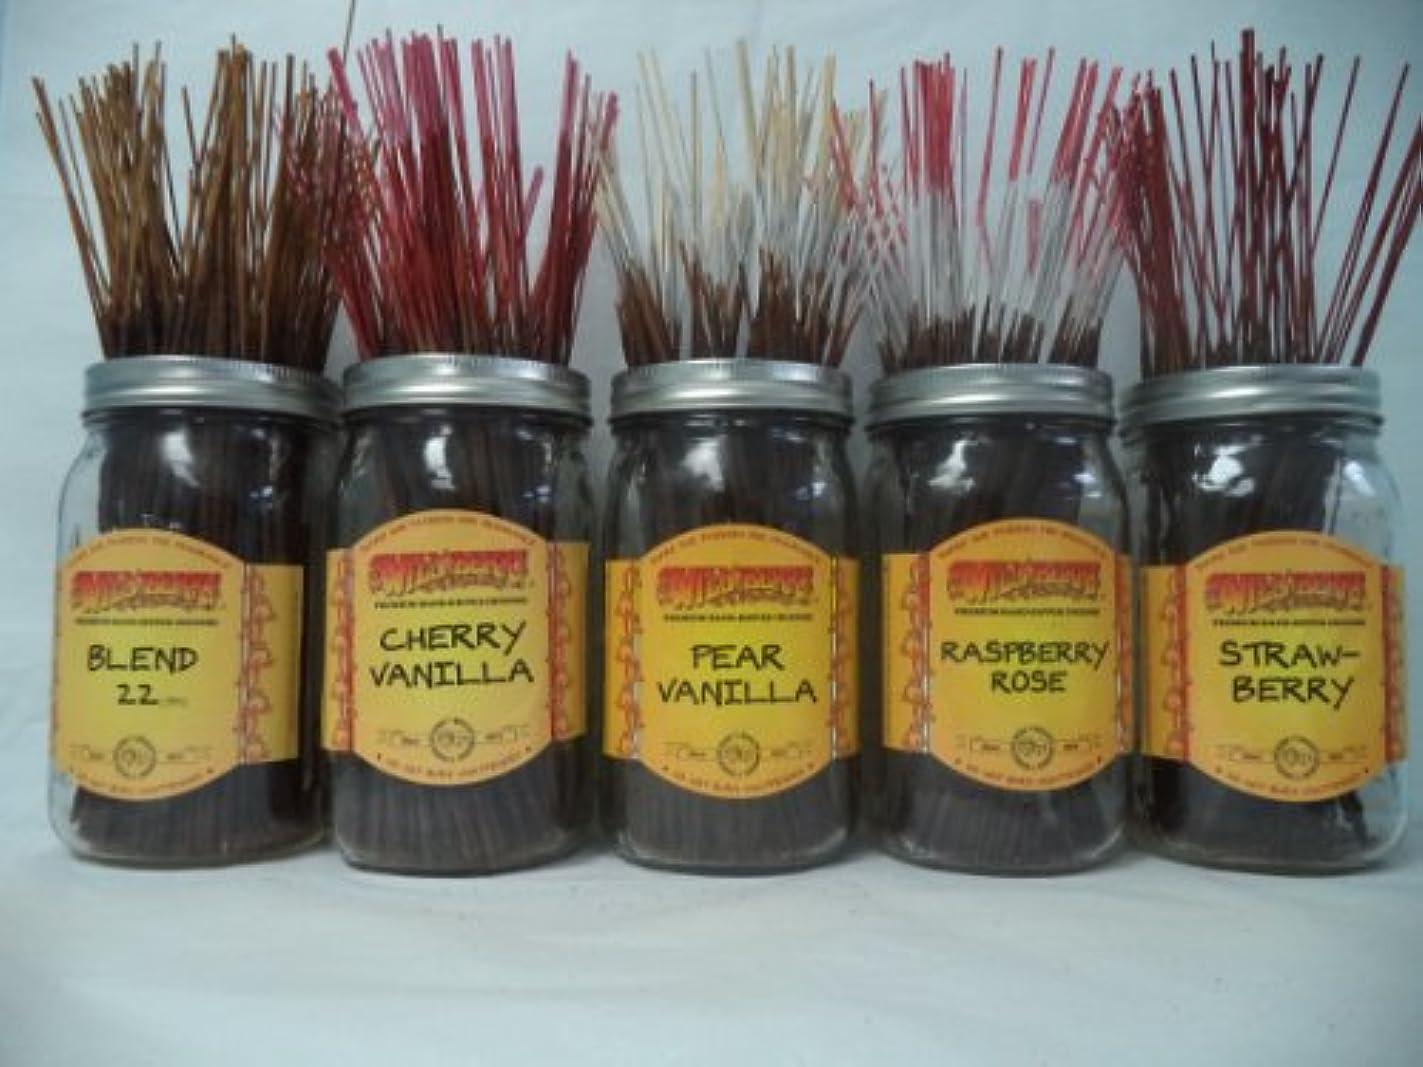 いつか否定するバンクWildberry Incense Sticksフルーツ香りセット# 1 : 4 Sticks各5の香り、合計20 Sticks 。